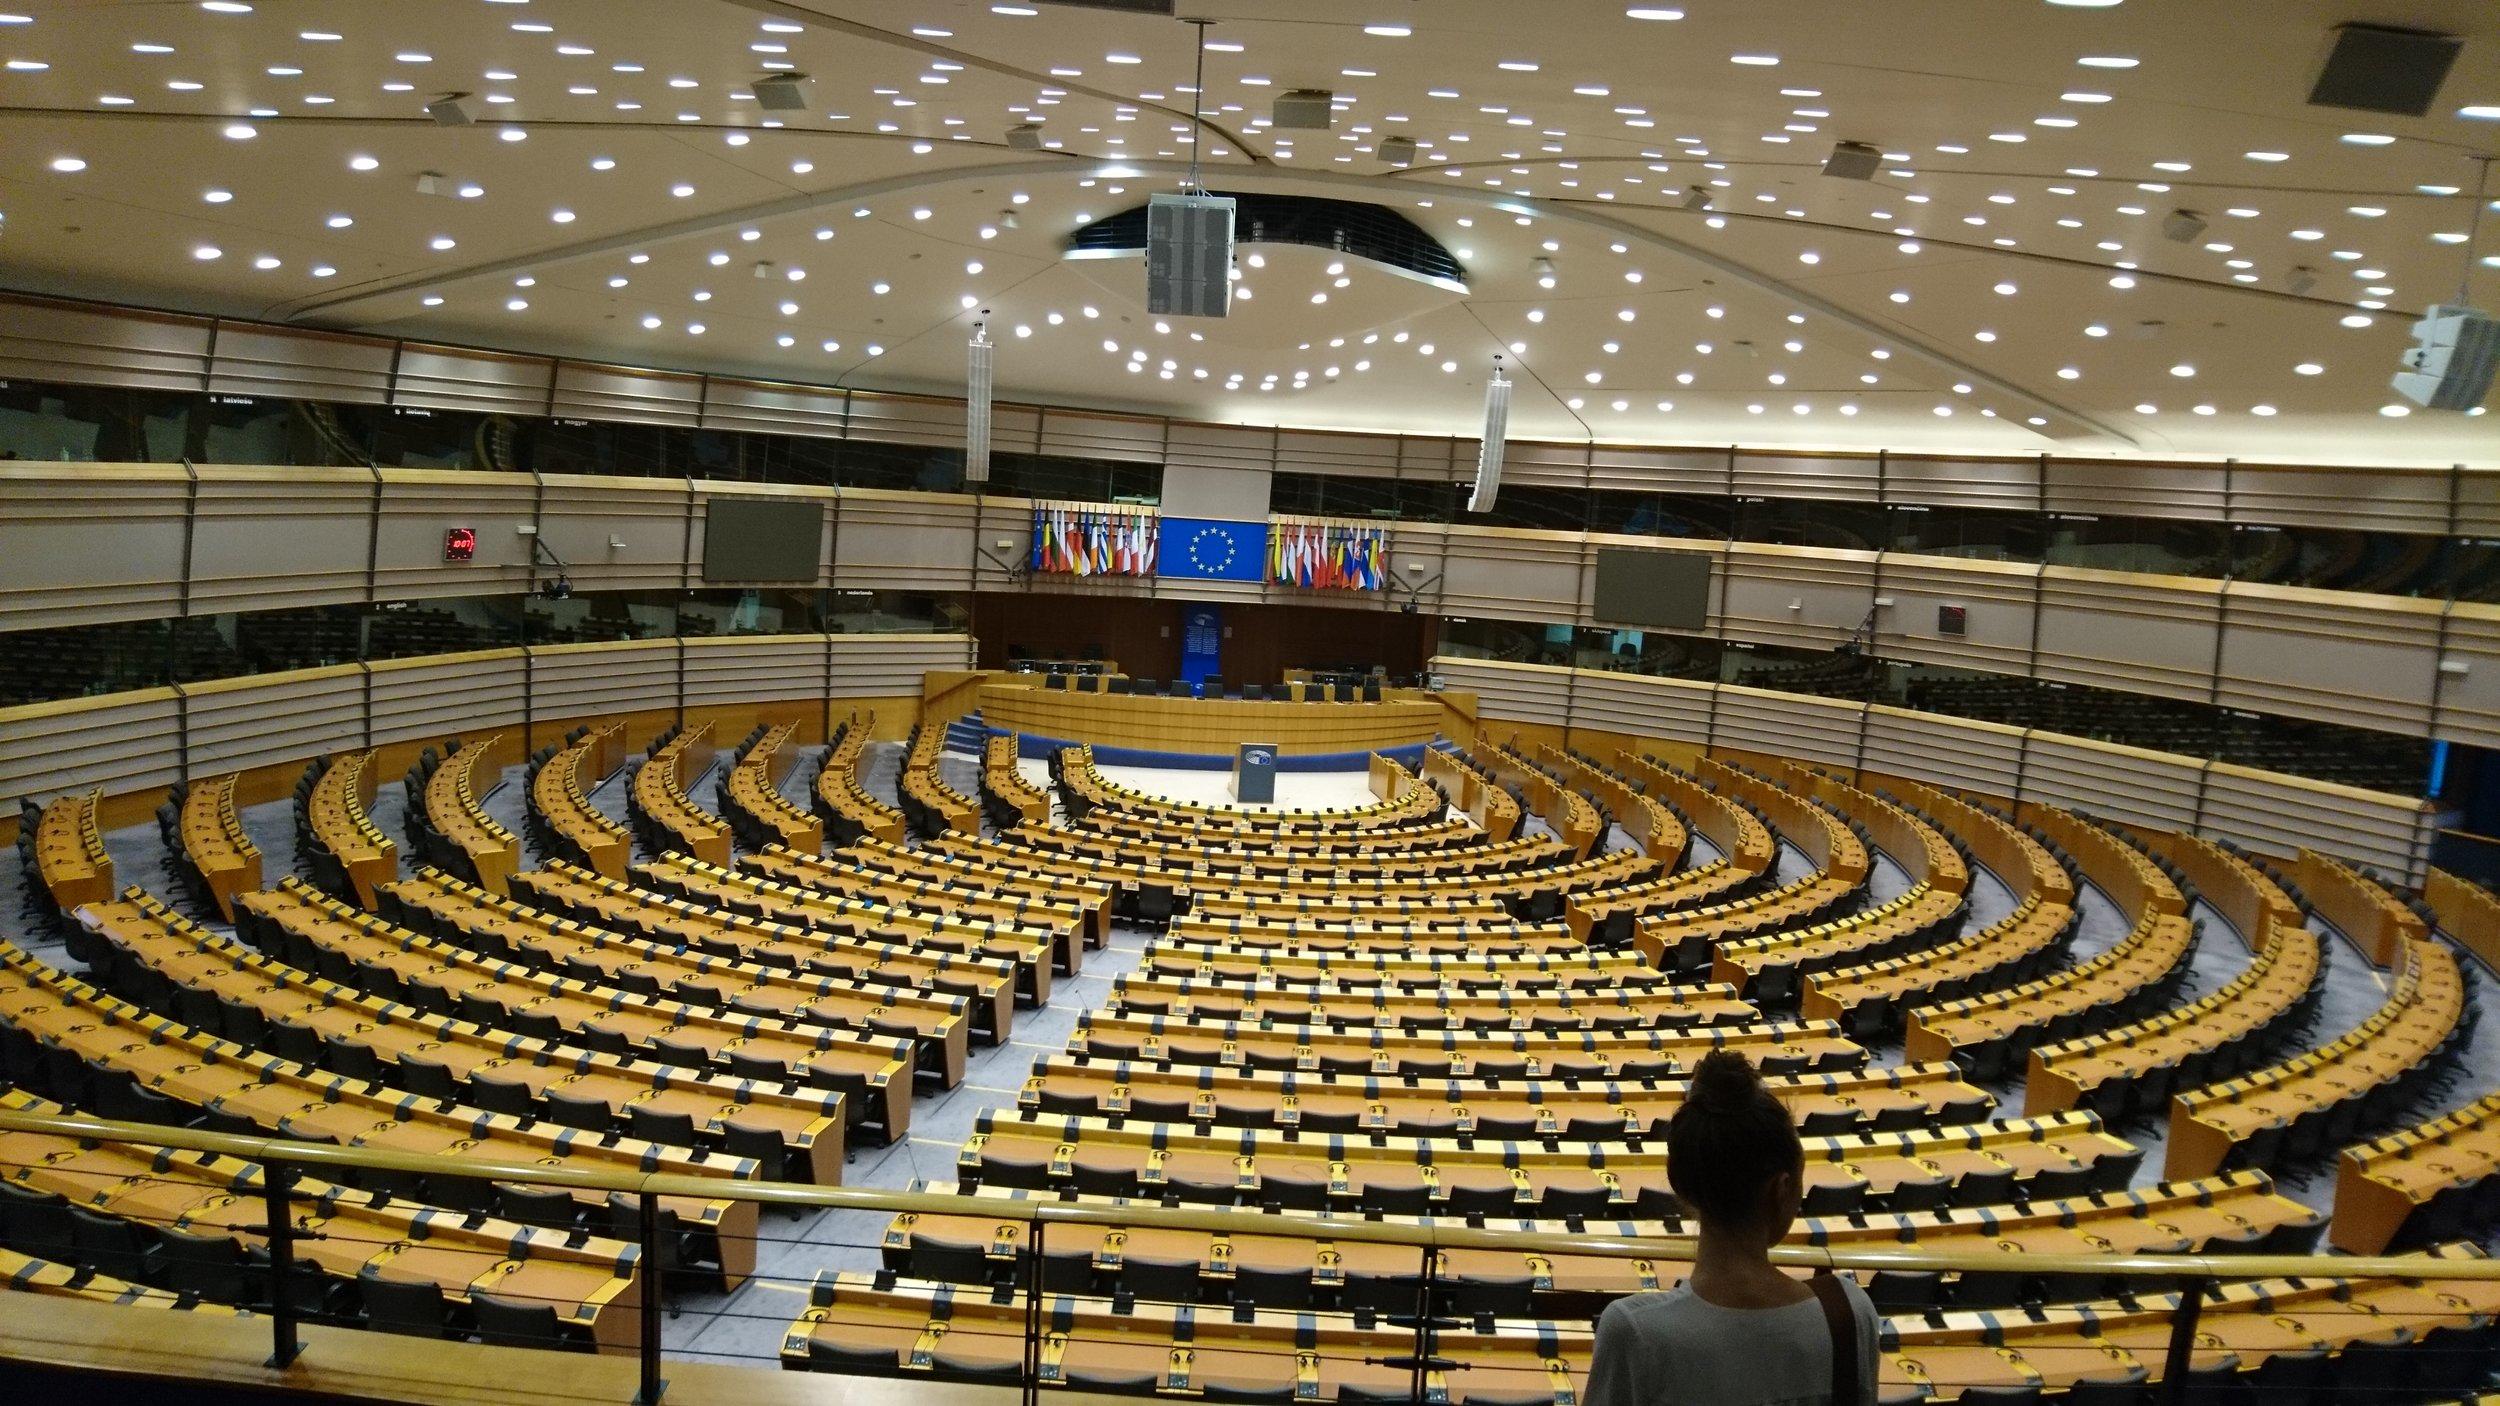 Nach dem Brexit wird sich die Zusammensetzung stark verändern: Das EU-Parlament in Brüssel.